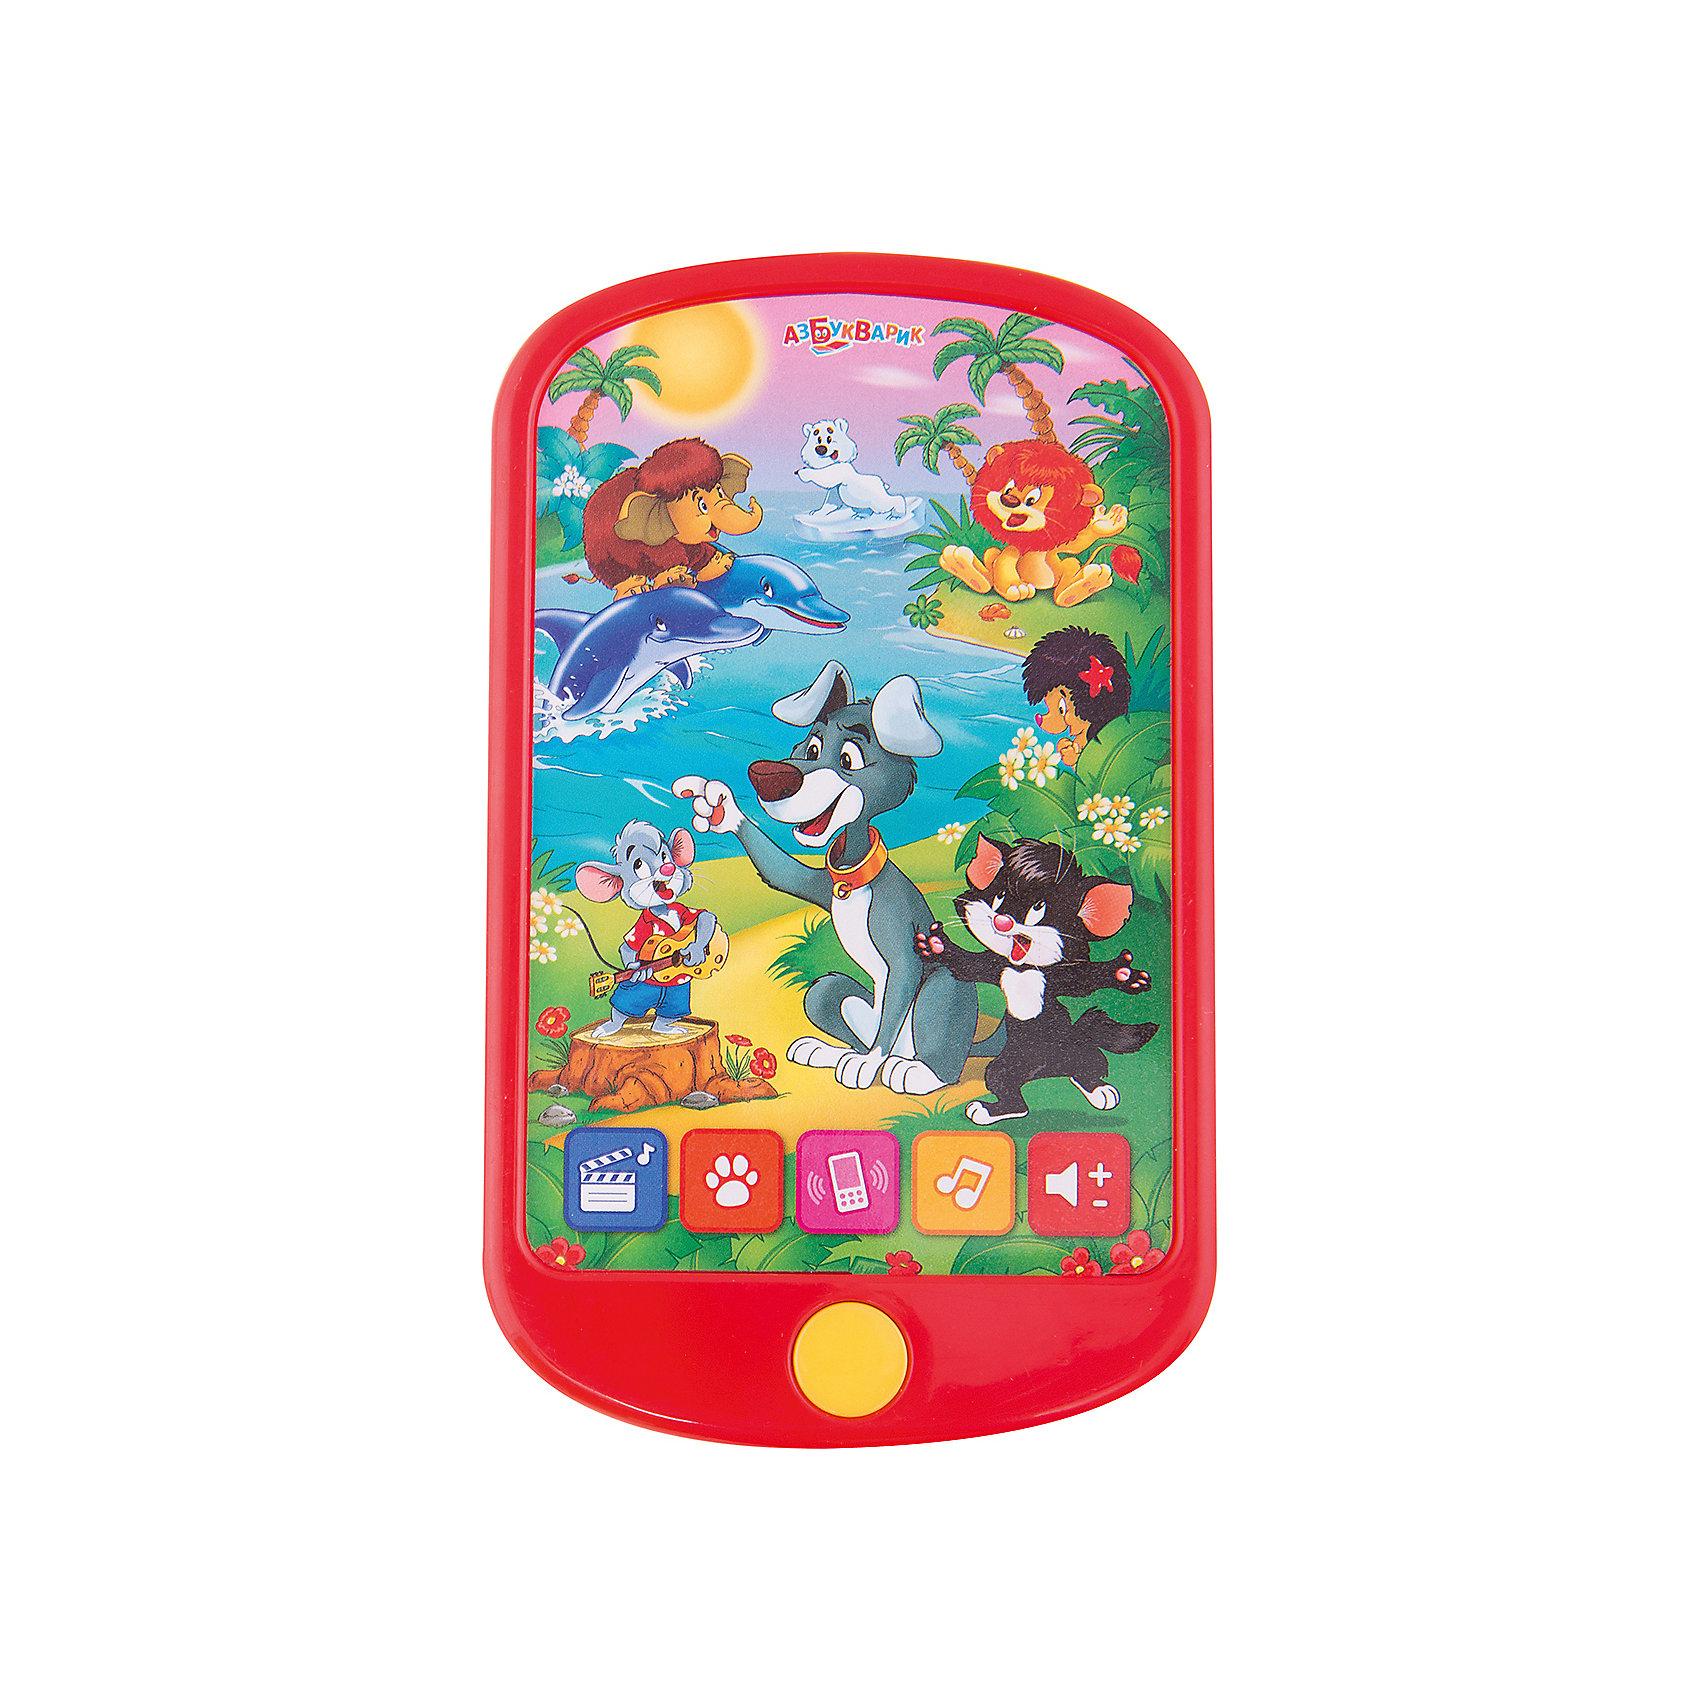 Широкий смартфончик Мои мультяшки, АзбукварикХарактеристики товара:<br><br>• цвет: разноцветный<br>• размер упаковки: 23 х 13 см<br>• батарейки в комплекте: 3хAAA/LR0.3V (мизинчиковые).<br>• материал: пластик, металл.<br>• воспроизводит звуки, песни, 5 сказок<br>• возраст: от трех лет<br>• есть регулировка звука<br>• страна бренда: РФ<br>• страна изготовитель: РФ<br><br>Познавать мир можно очень интересно! Такой смартфон станет отличным подарком ребенку - ведь с помощью него можно научиться раскрашивать картинки пальчиками. В набор входят альбом и наклейки, которые можно послушать смешные звуки, песни, целых пять сказок, а также дополнительно скачать 15 потешек и караоке!<br>Игра с такими смартфонами помогает детям развивать важные навыки и способности, она активизирует мышление, цветовосприятие, звуковосприятие, логику, мелкую моторику и воображение. Изделие производится из качественных и проверенных материалов, которые безопасны для детей.<br><br>Широкий смартфончик Мои мультяшки от бренда Азбукварик можно купить в нашем интернет-магазине.<br><br>Ширина мм: 13<br>Глубина мм: 22<br>Высота мм: 13<br>Вес г: 115<br>Возраст от месяцев: 24<br>Возраст до месяцев: 48<br>Пол: Унисекс<br>Возраст: Детский<br>SKU: 5200825